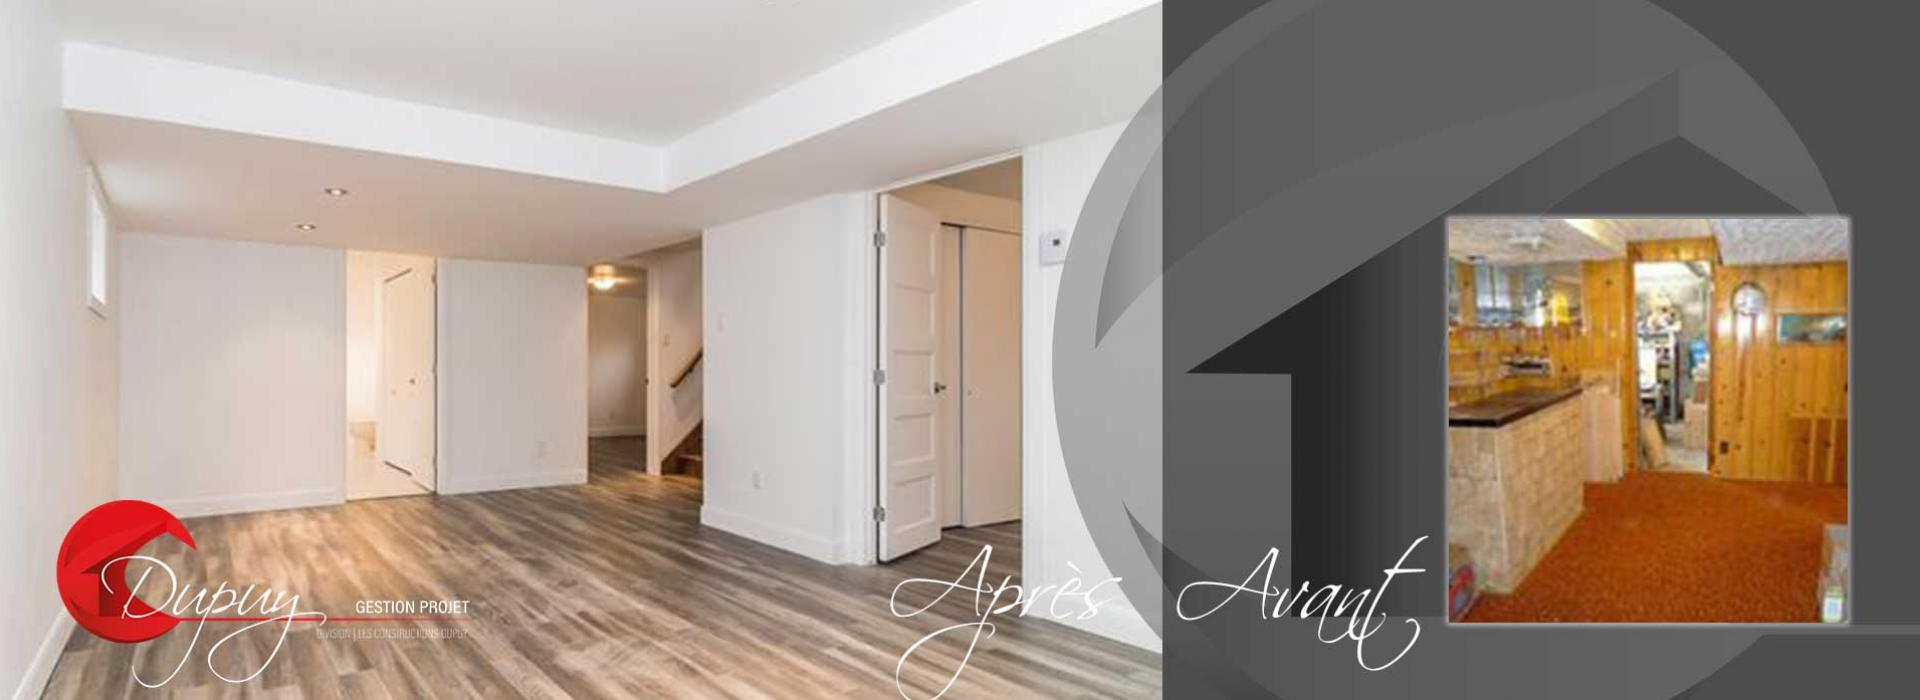 01-salle-familiale-avant-apres-construction-dupuy-gestion-projet.png